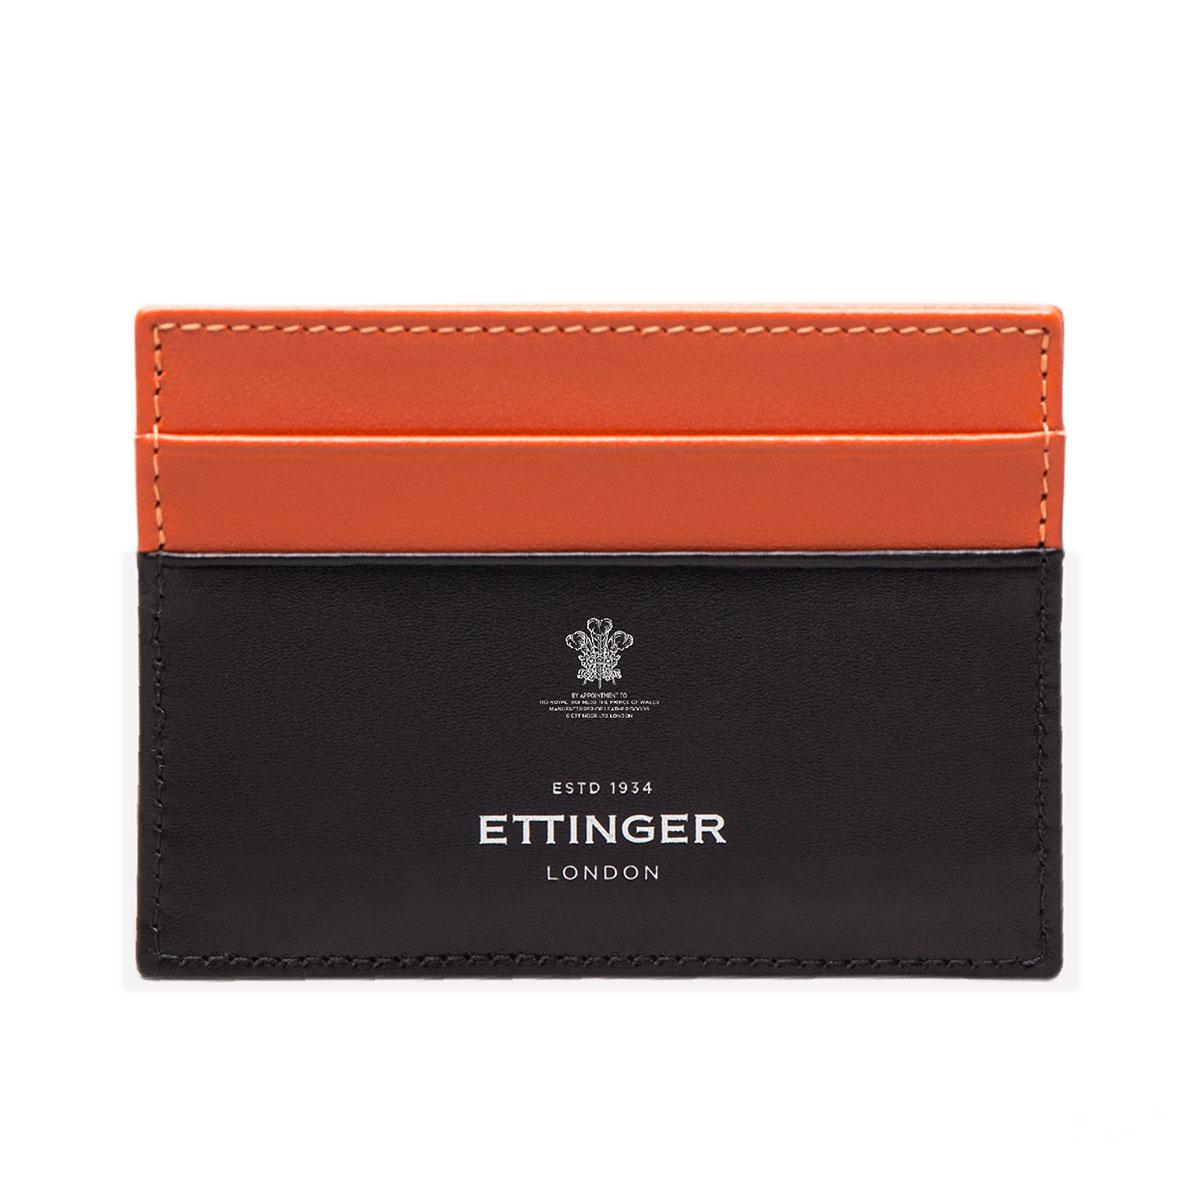 ETTINGER Sterling Flat Credit Card Case